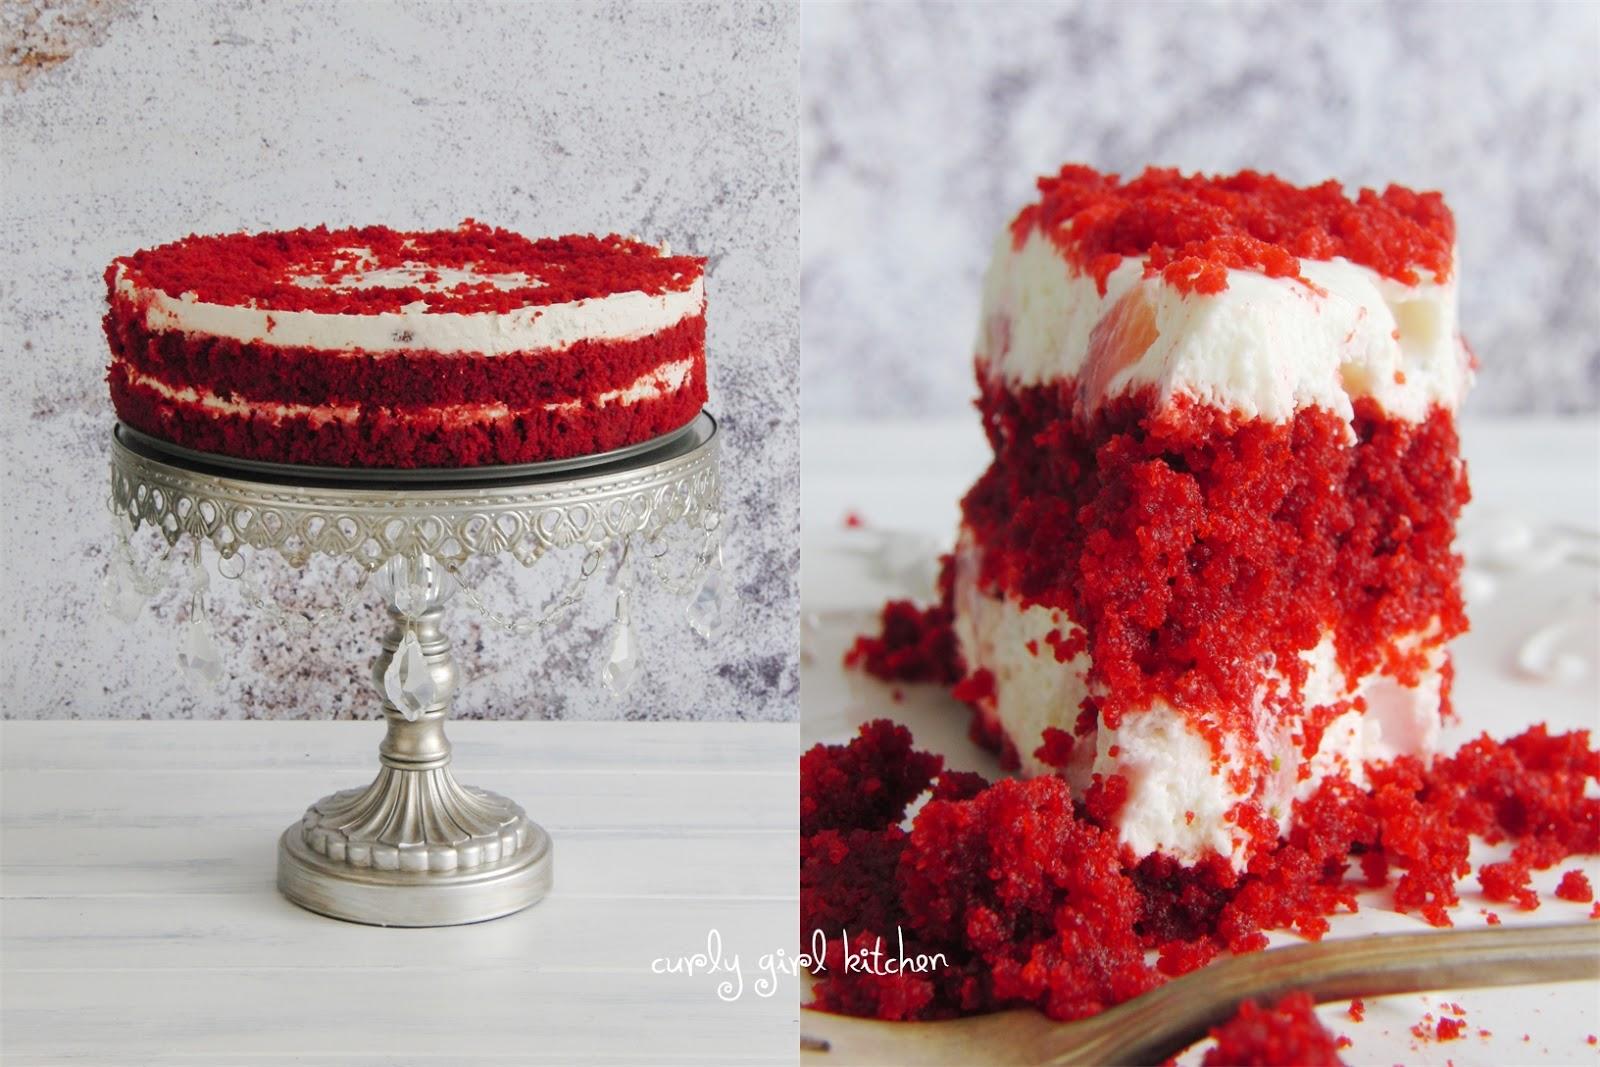 red velvet cake texture. Http://www.curlygirlkitchen.com/2013/06/red- Red Velvet Cake Texture